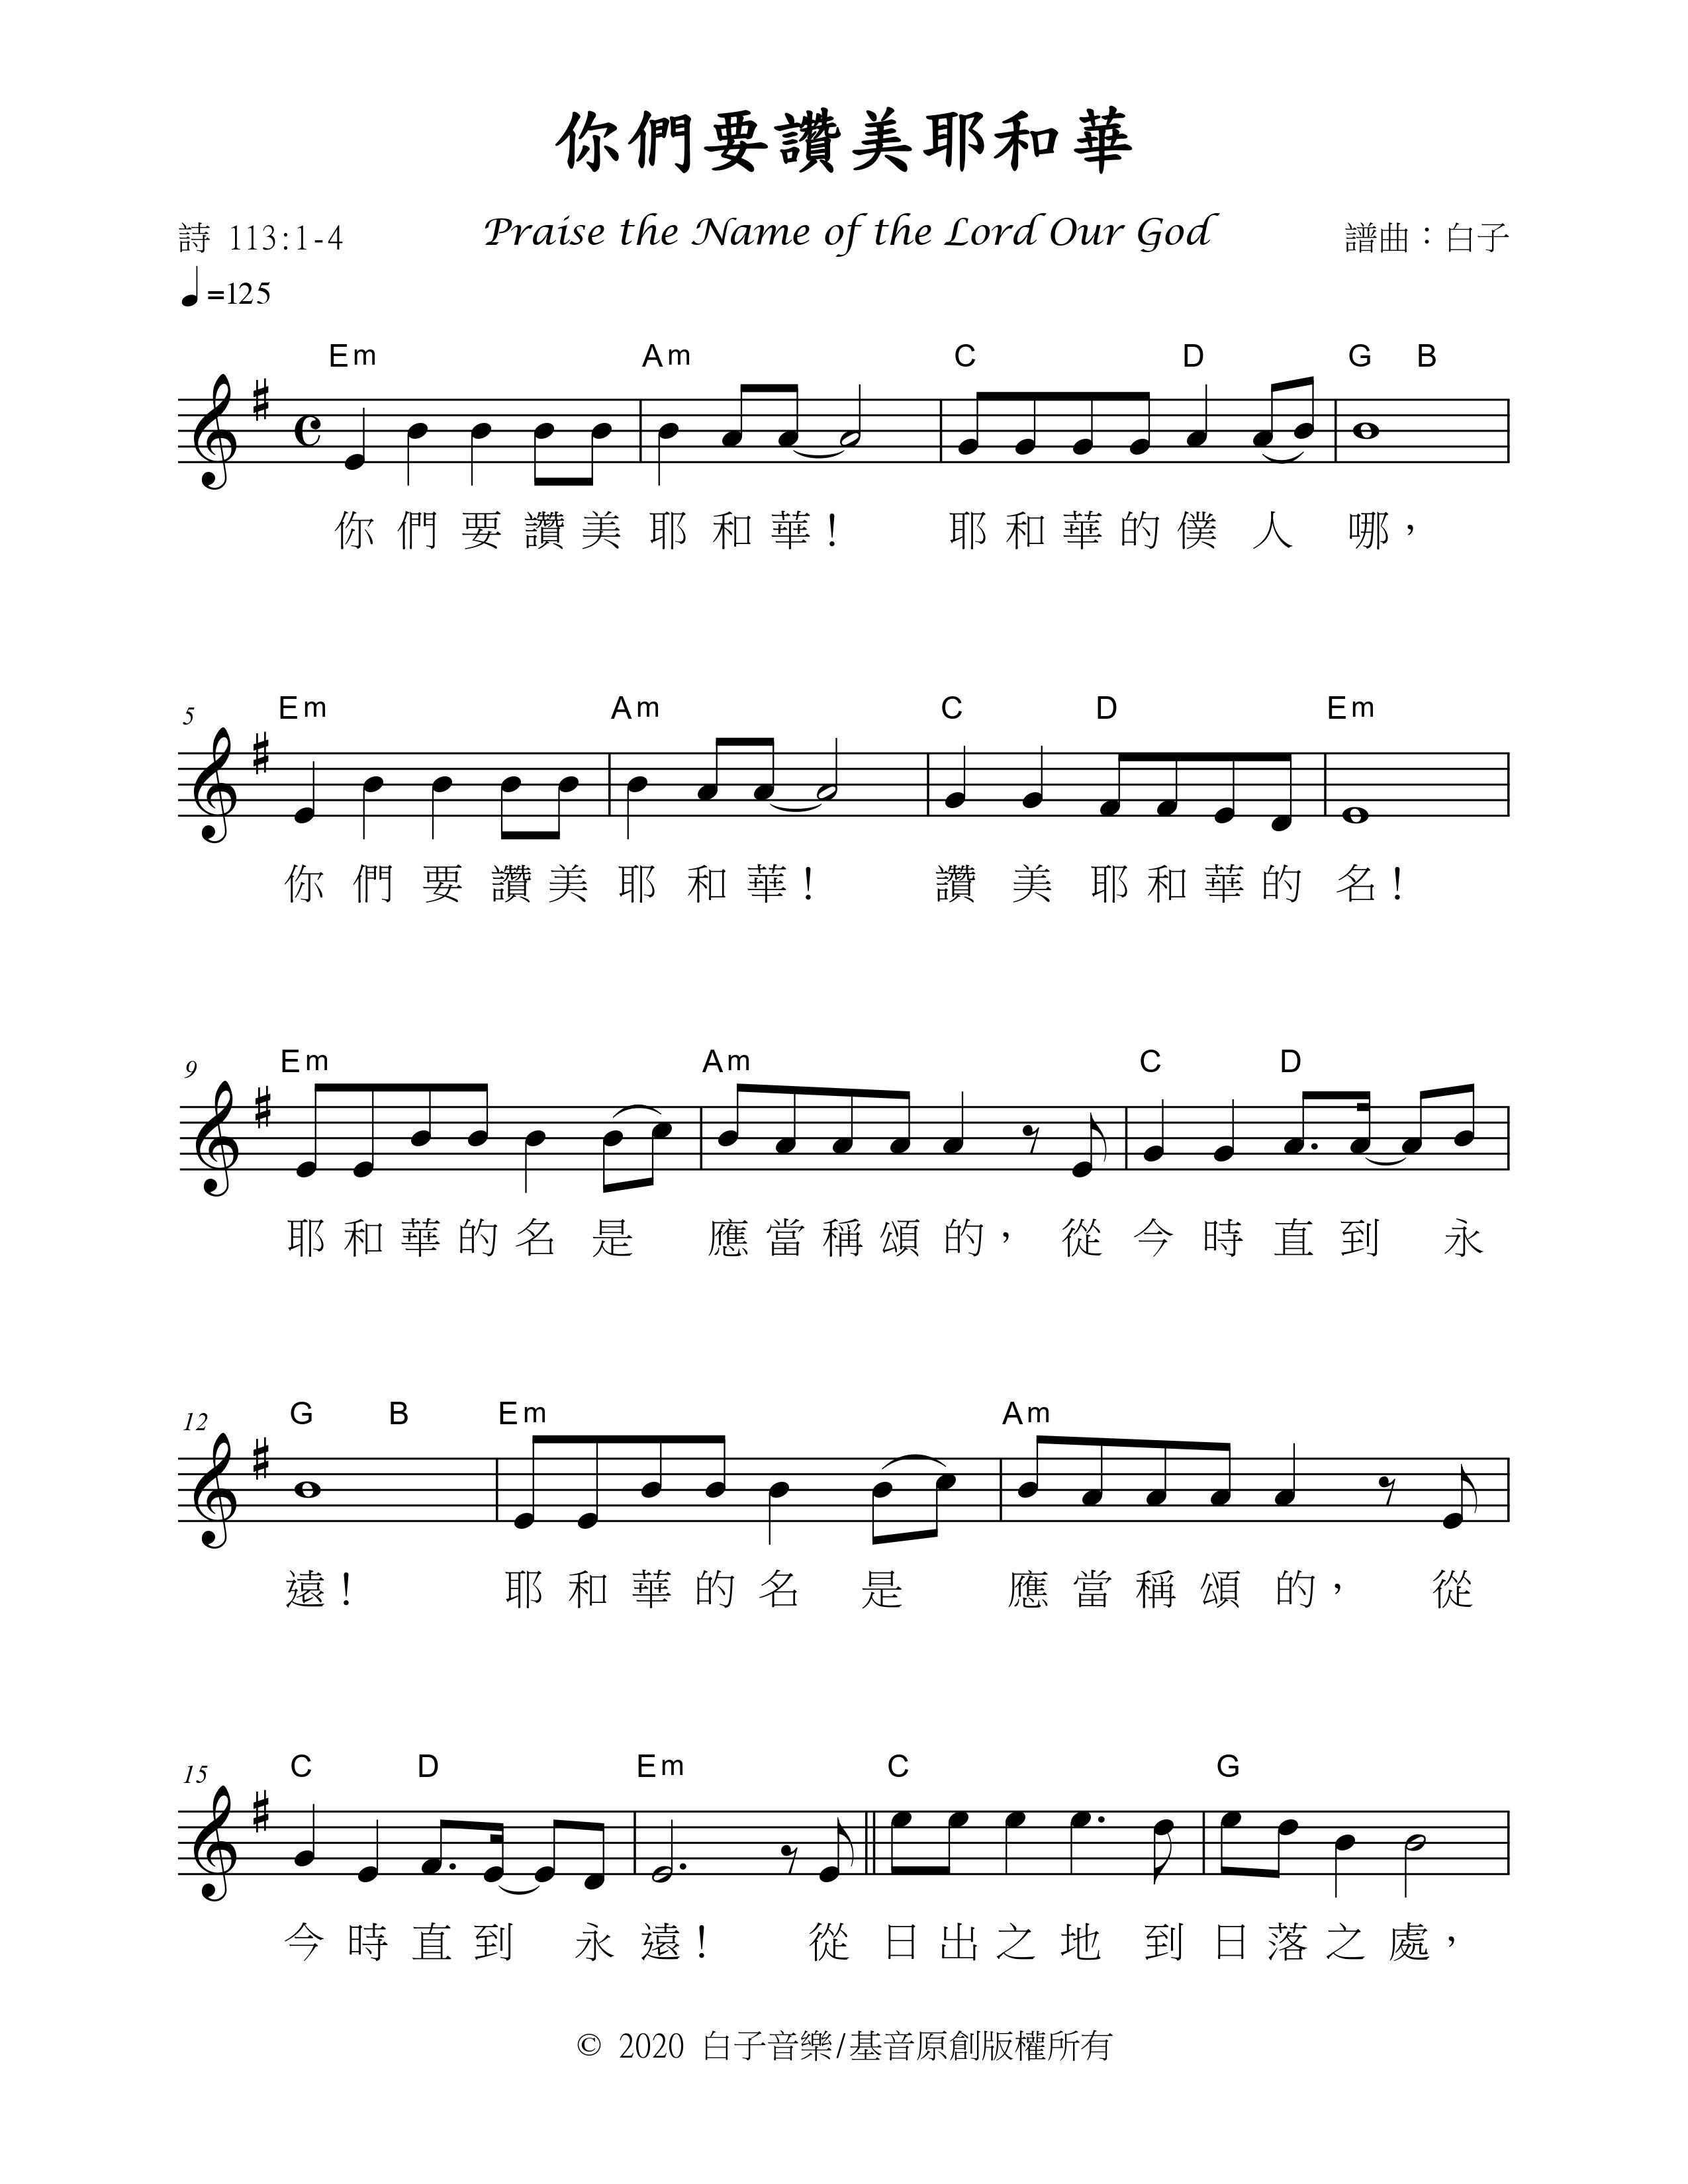 《你们要赞美耶和华 官方和弦五线谱》